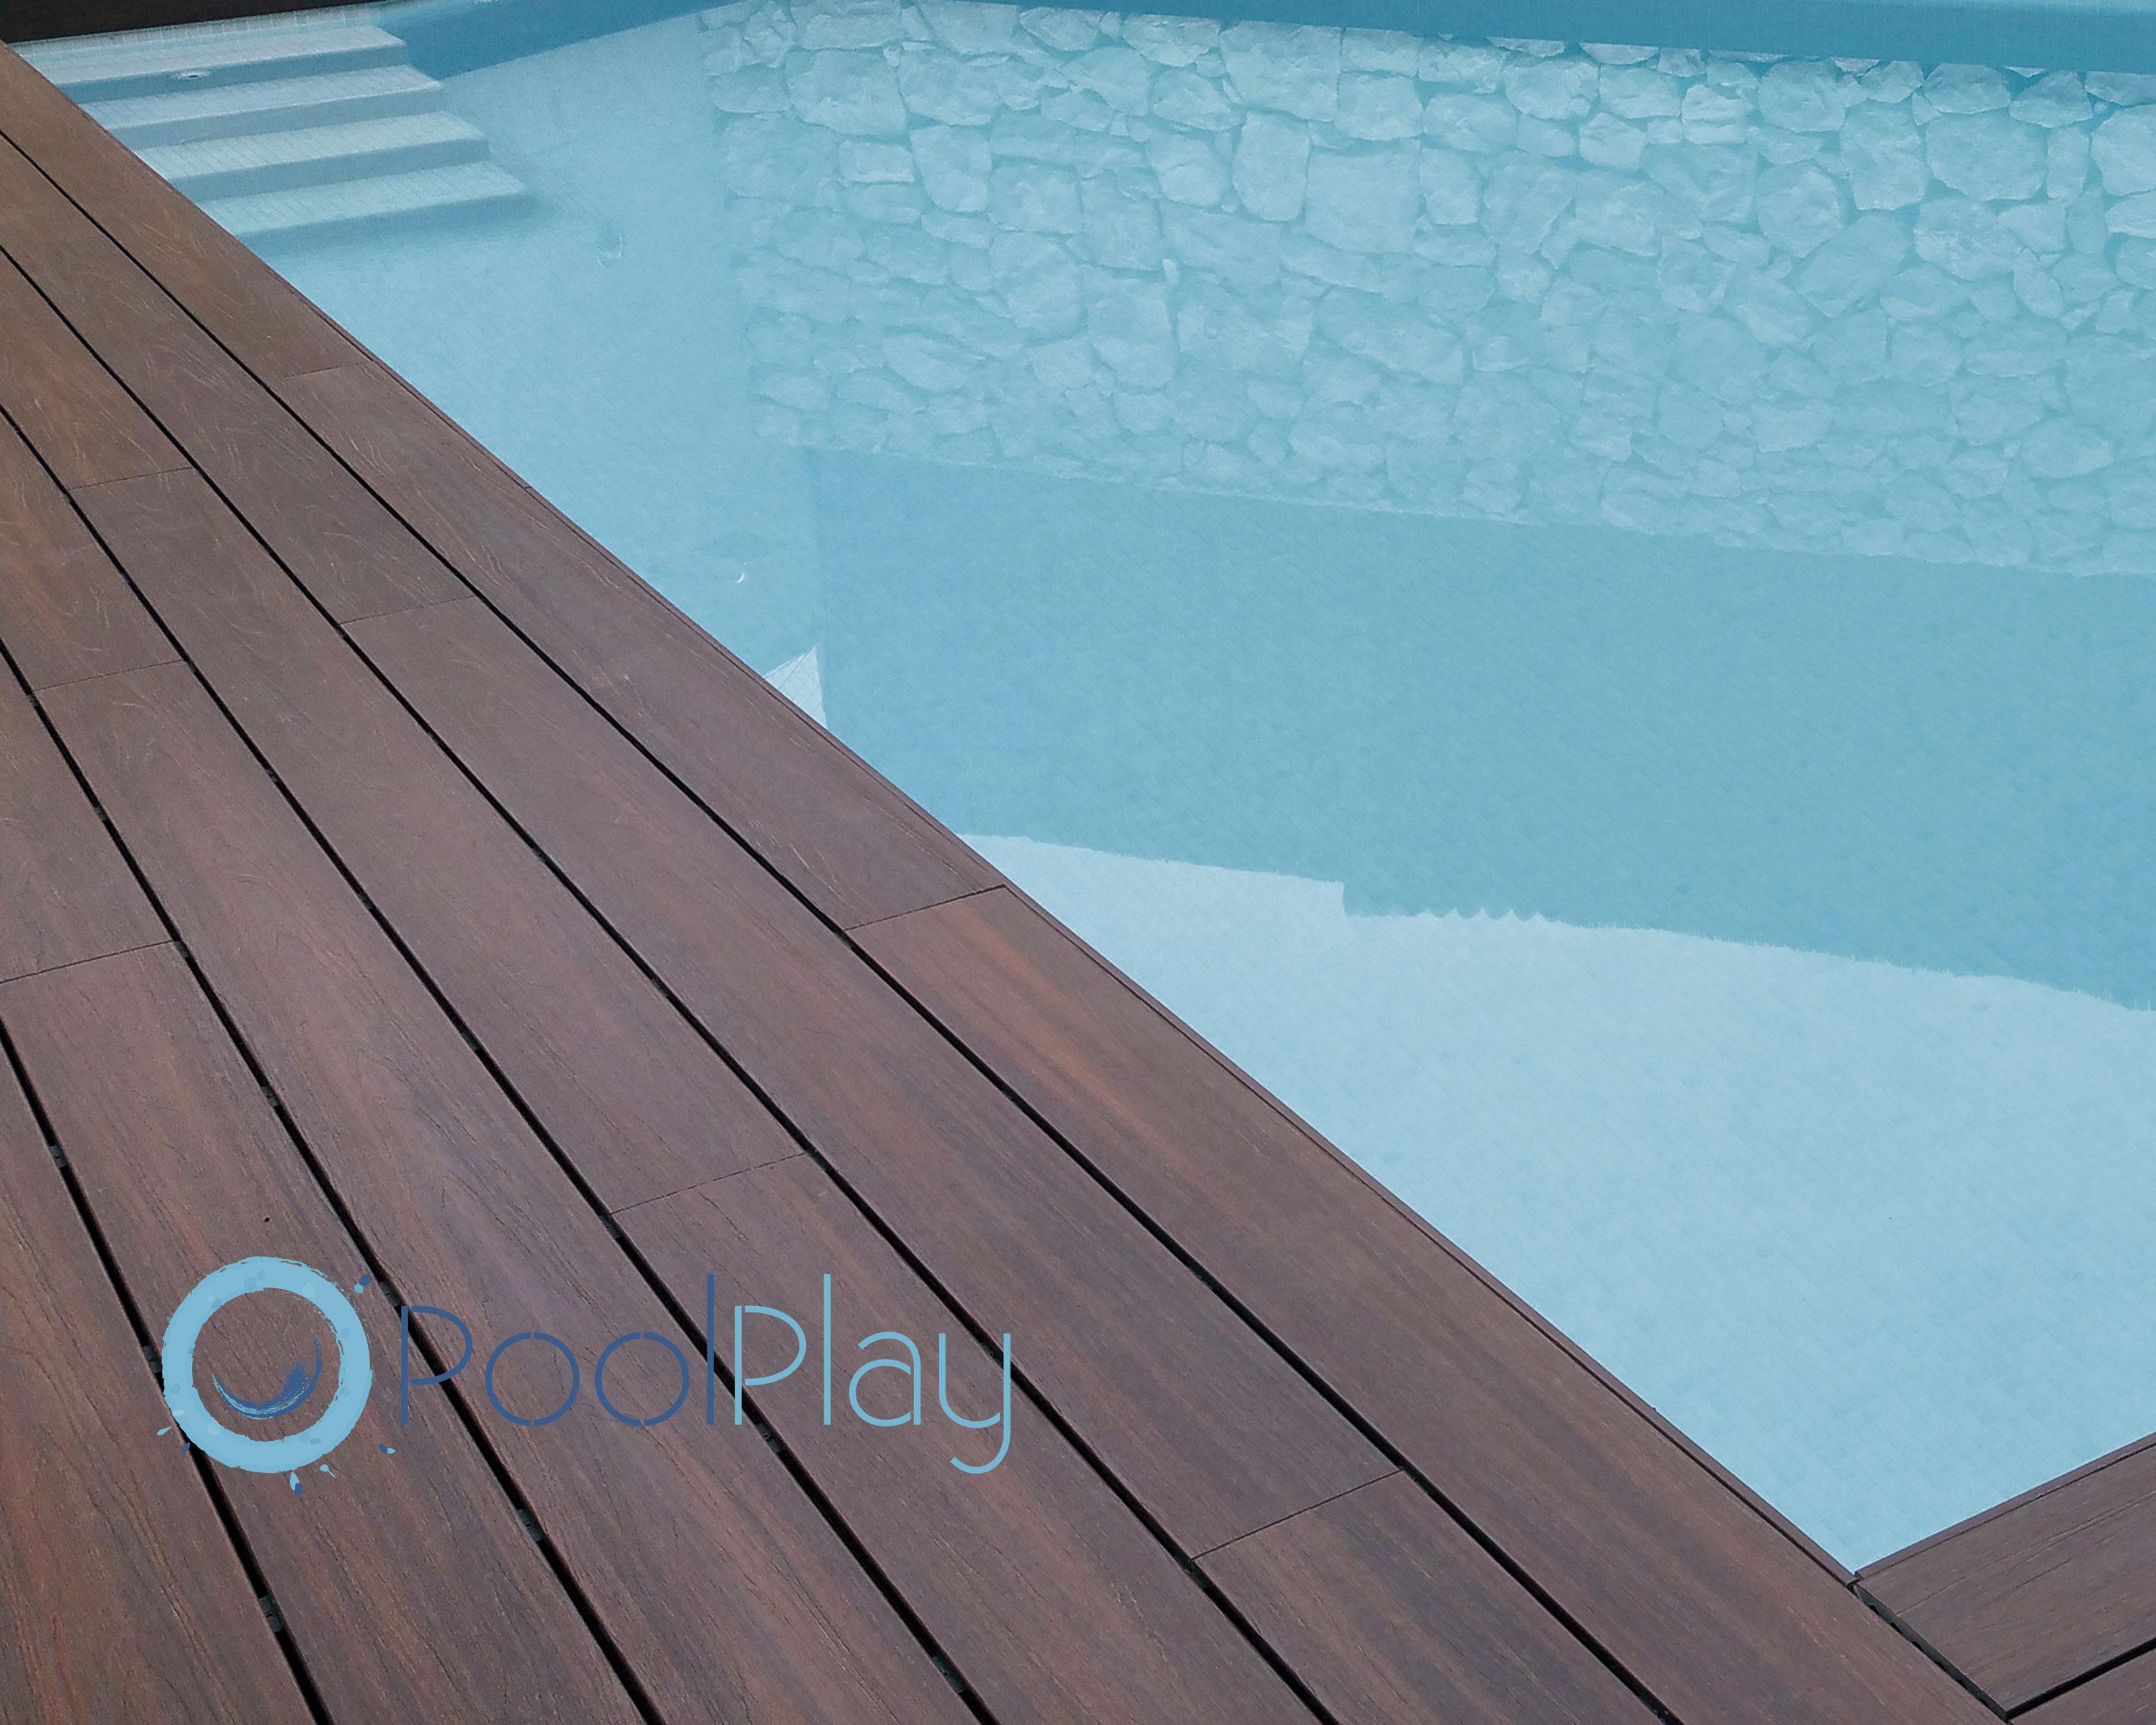 Disfruta del exterior con el pavimento de madera tecnológica